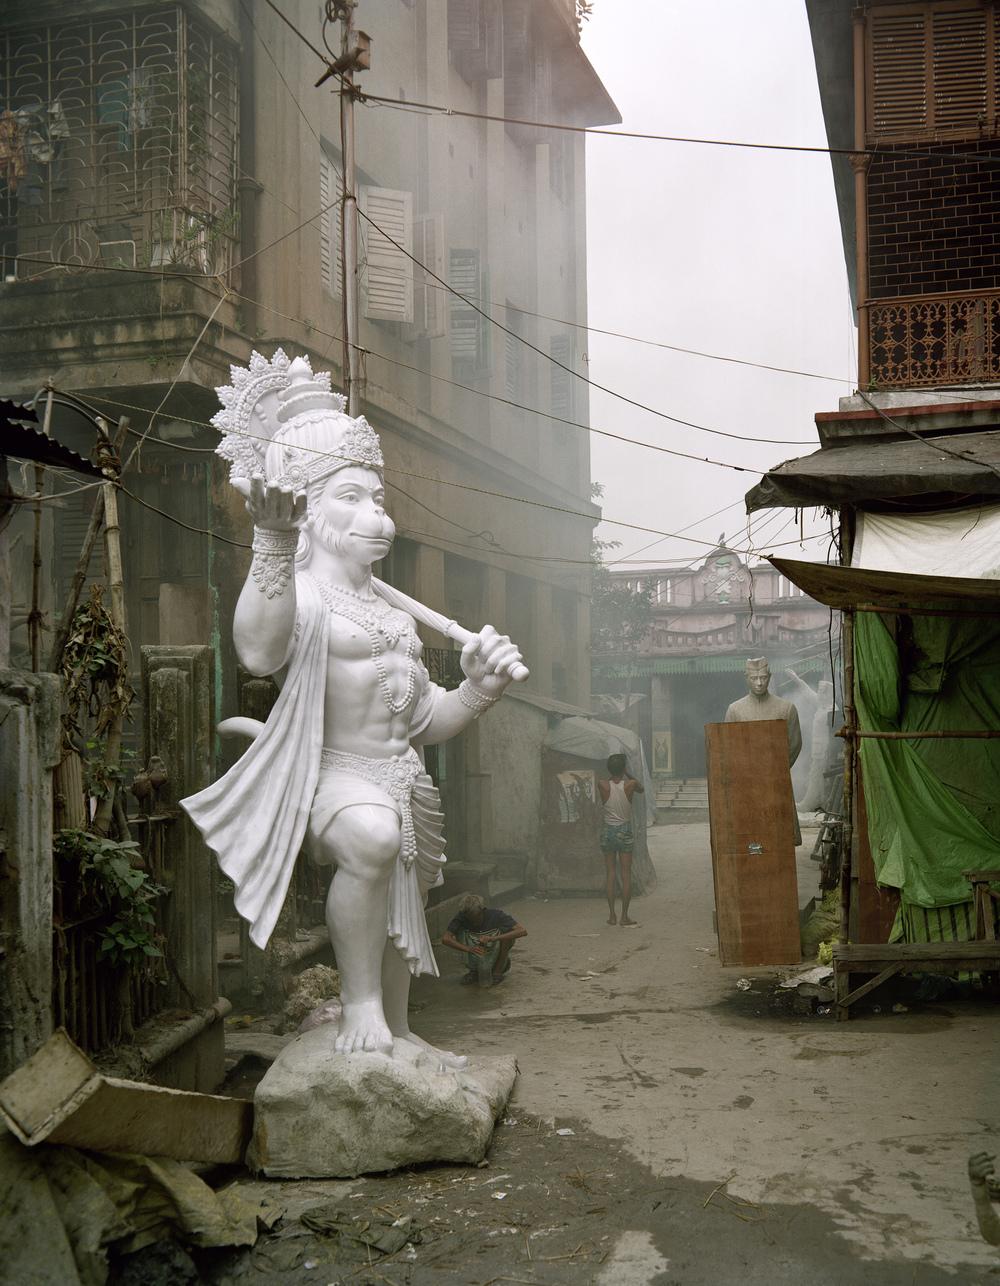 4_Kolkata.jpg